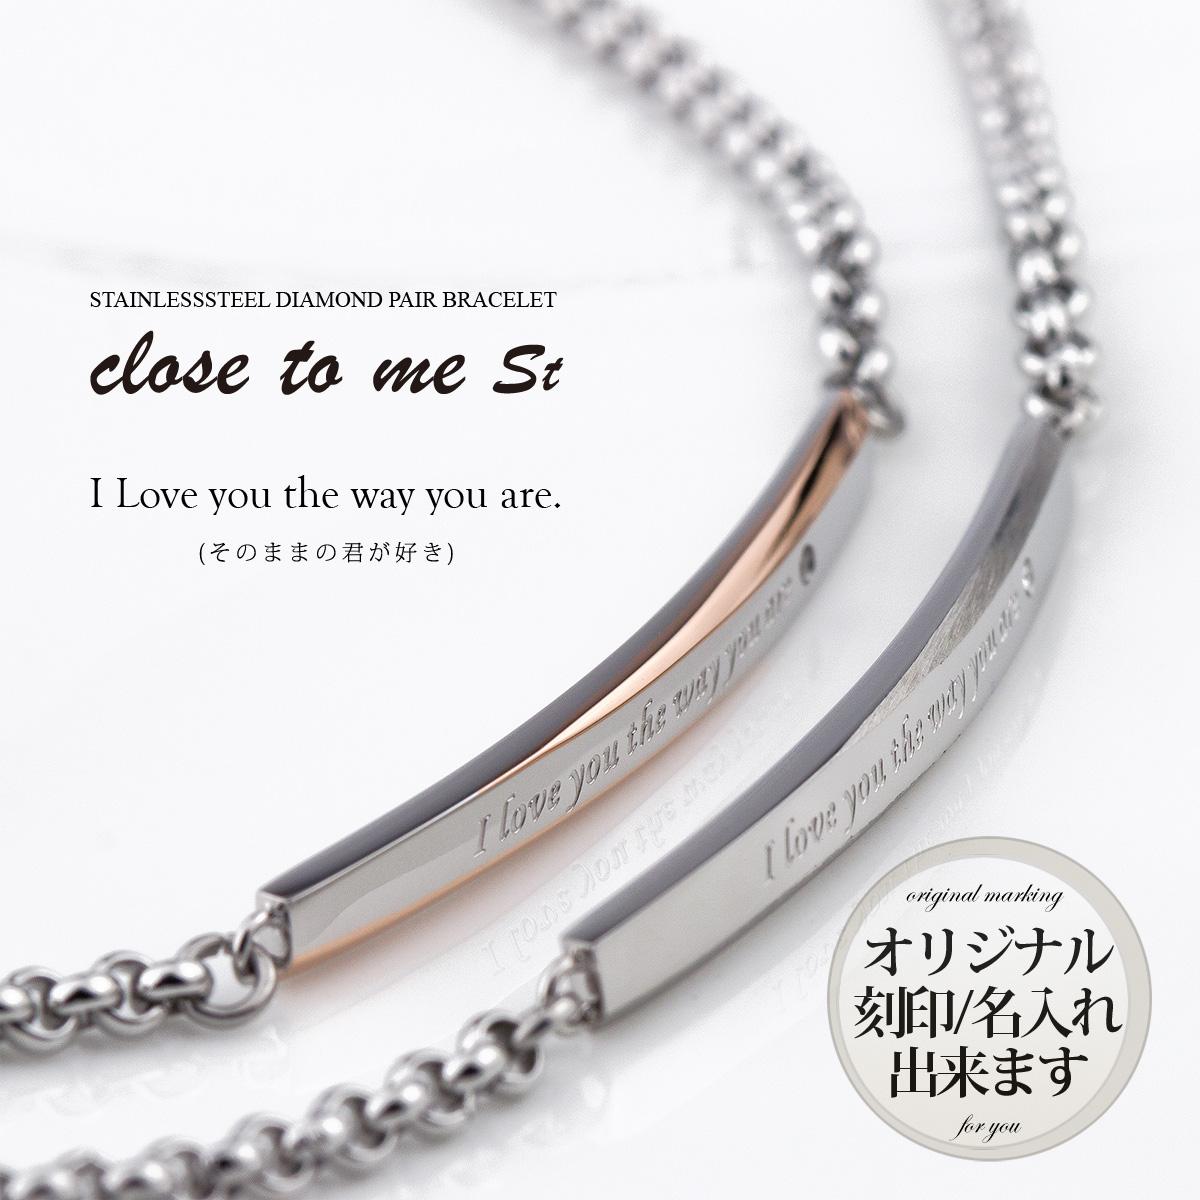 ペアブレスレット 刻印無料 刻印可能 ダイヤモンド サージカル ステンレス(316L) SBR11-013(男性用)/SBR11-014(女性用) Close to me クローストゥーミー【送料無料】